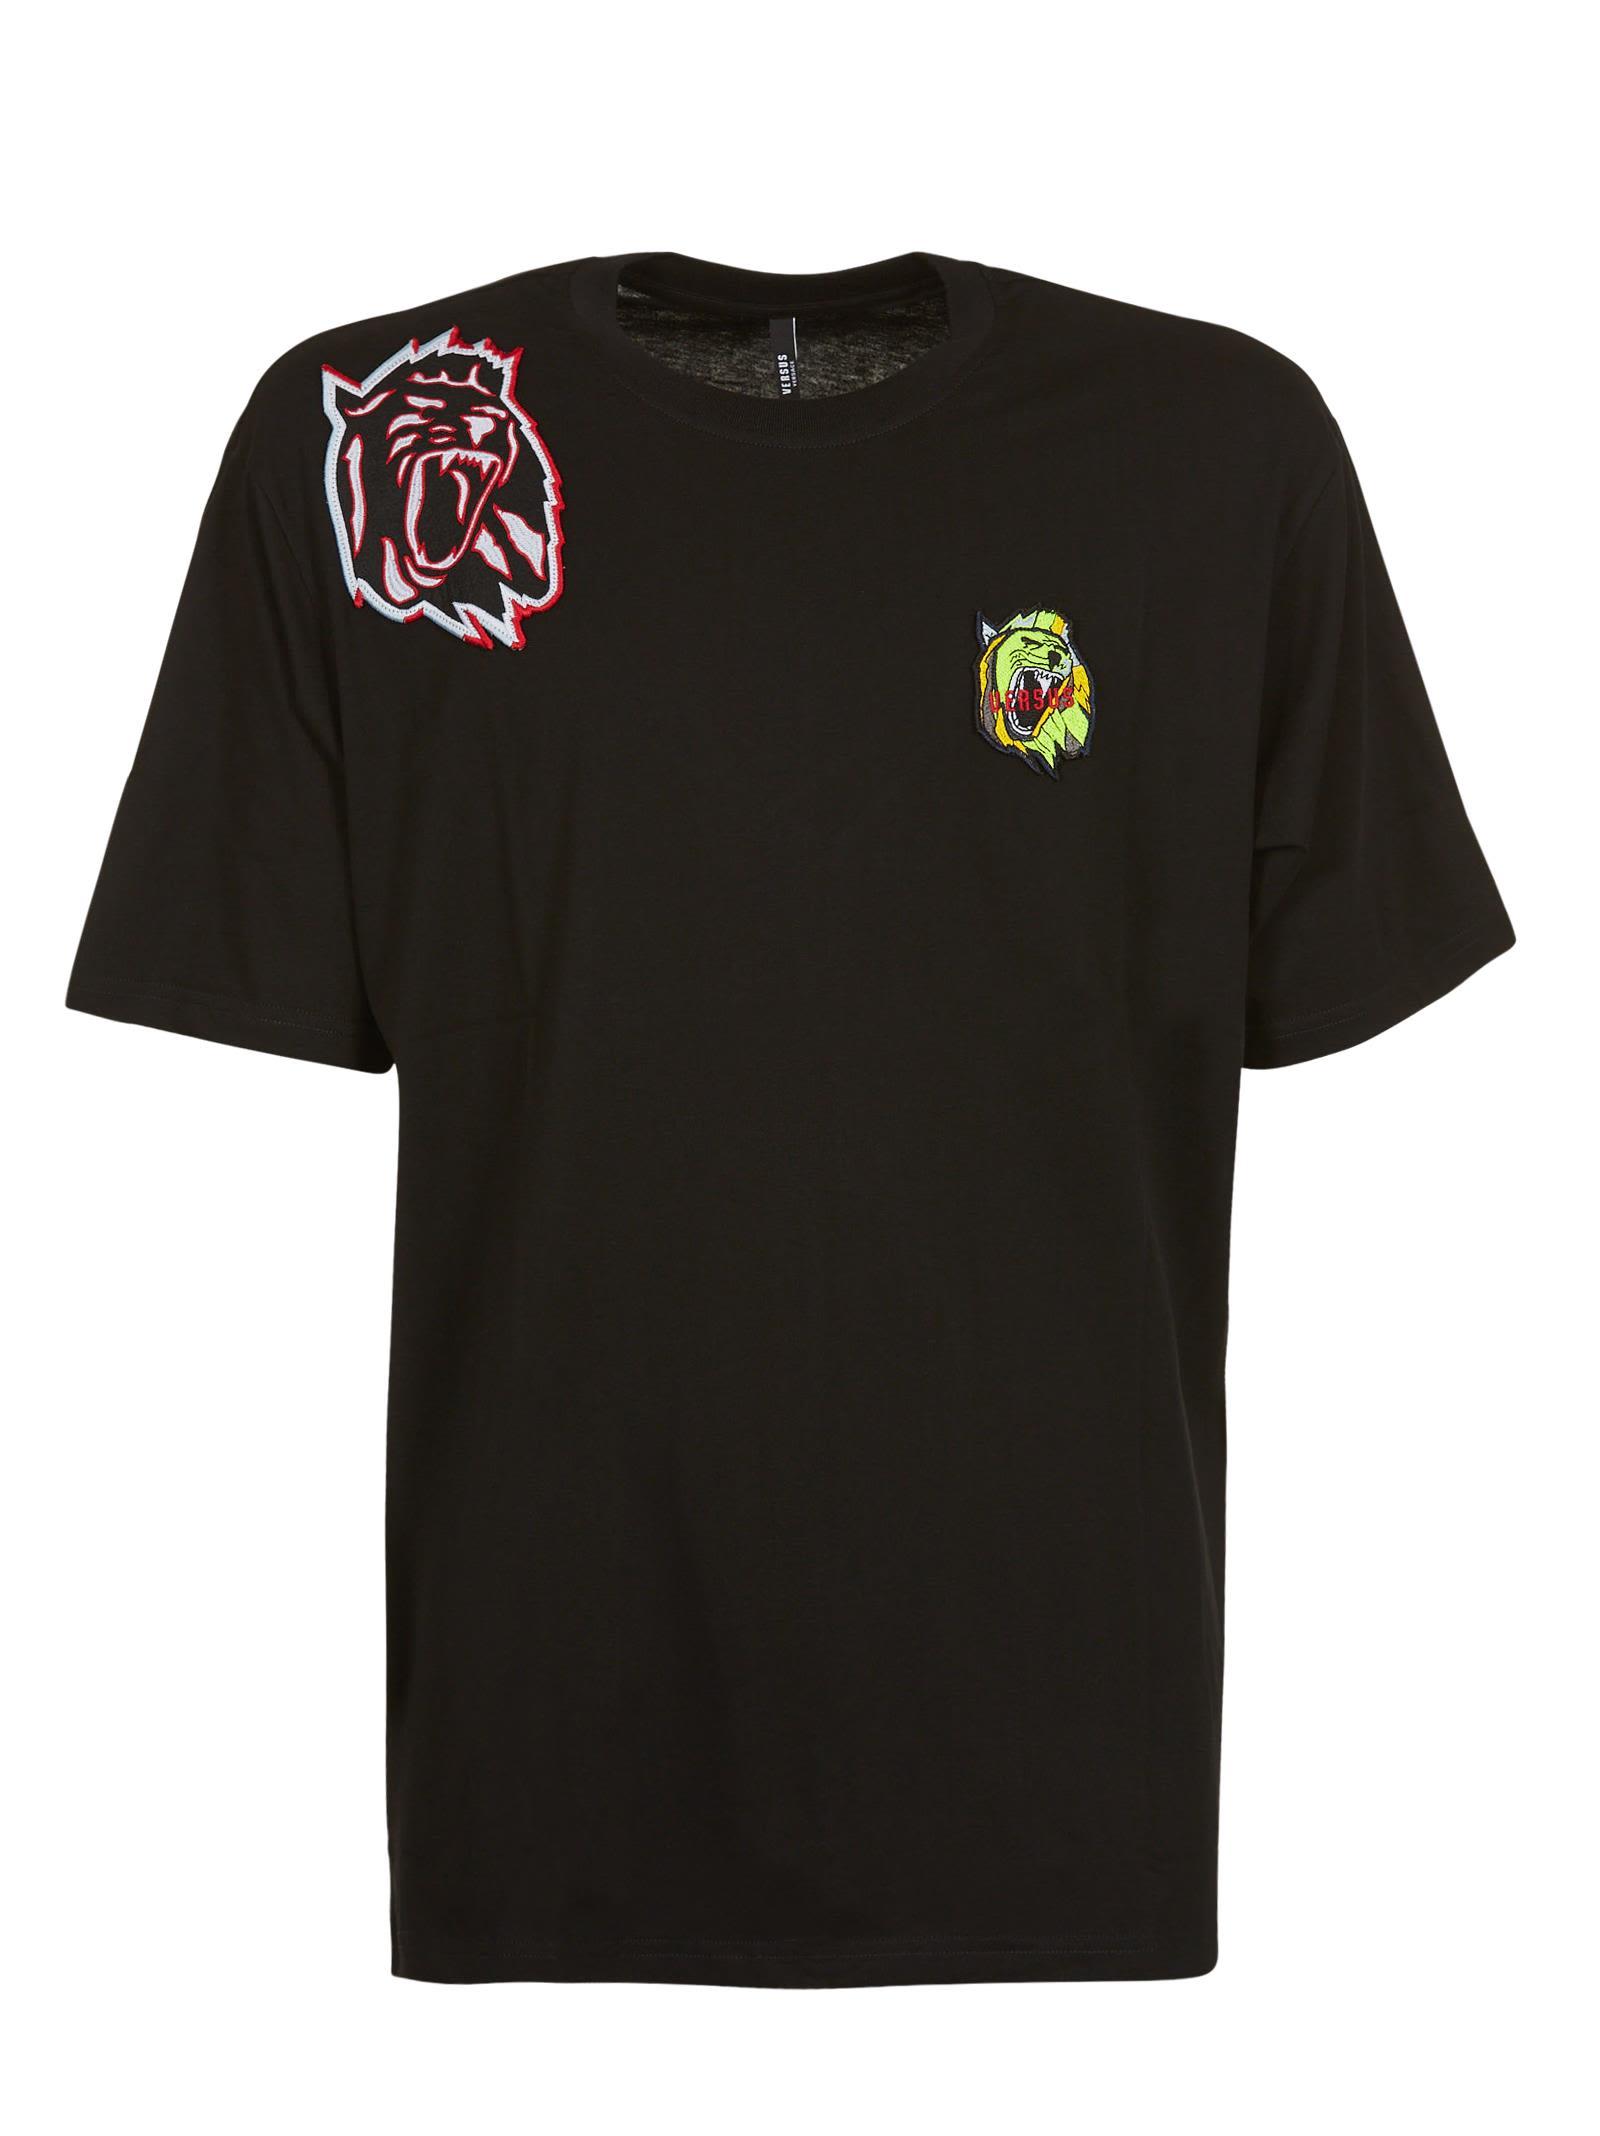 Versus Lion T-shirt